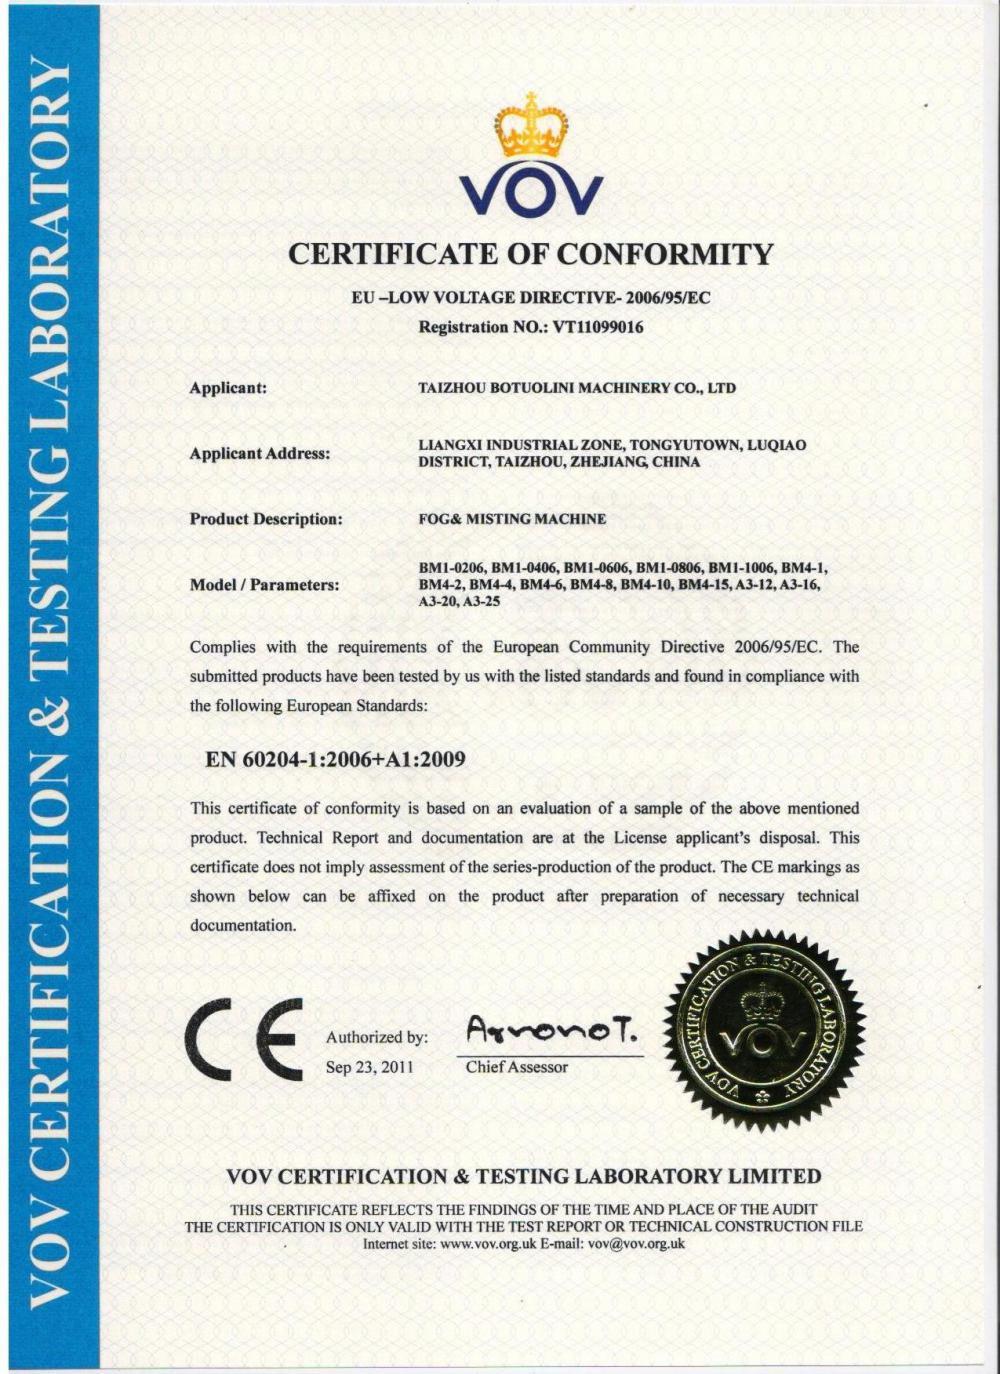 Fogging Machine CE Certificate